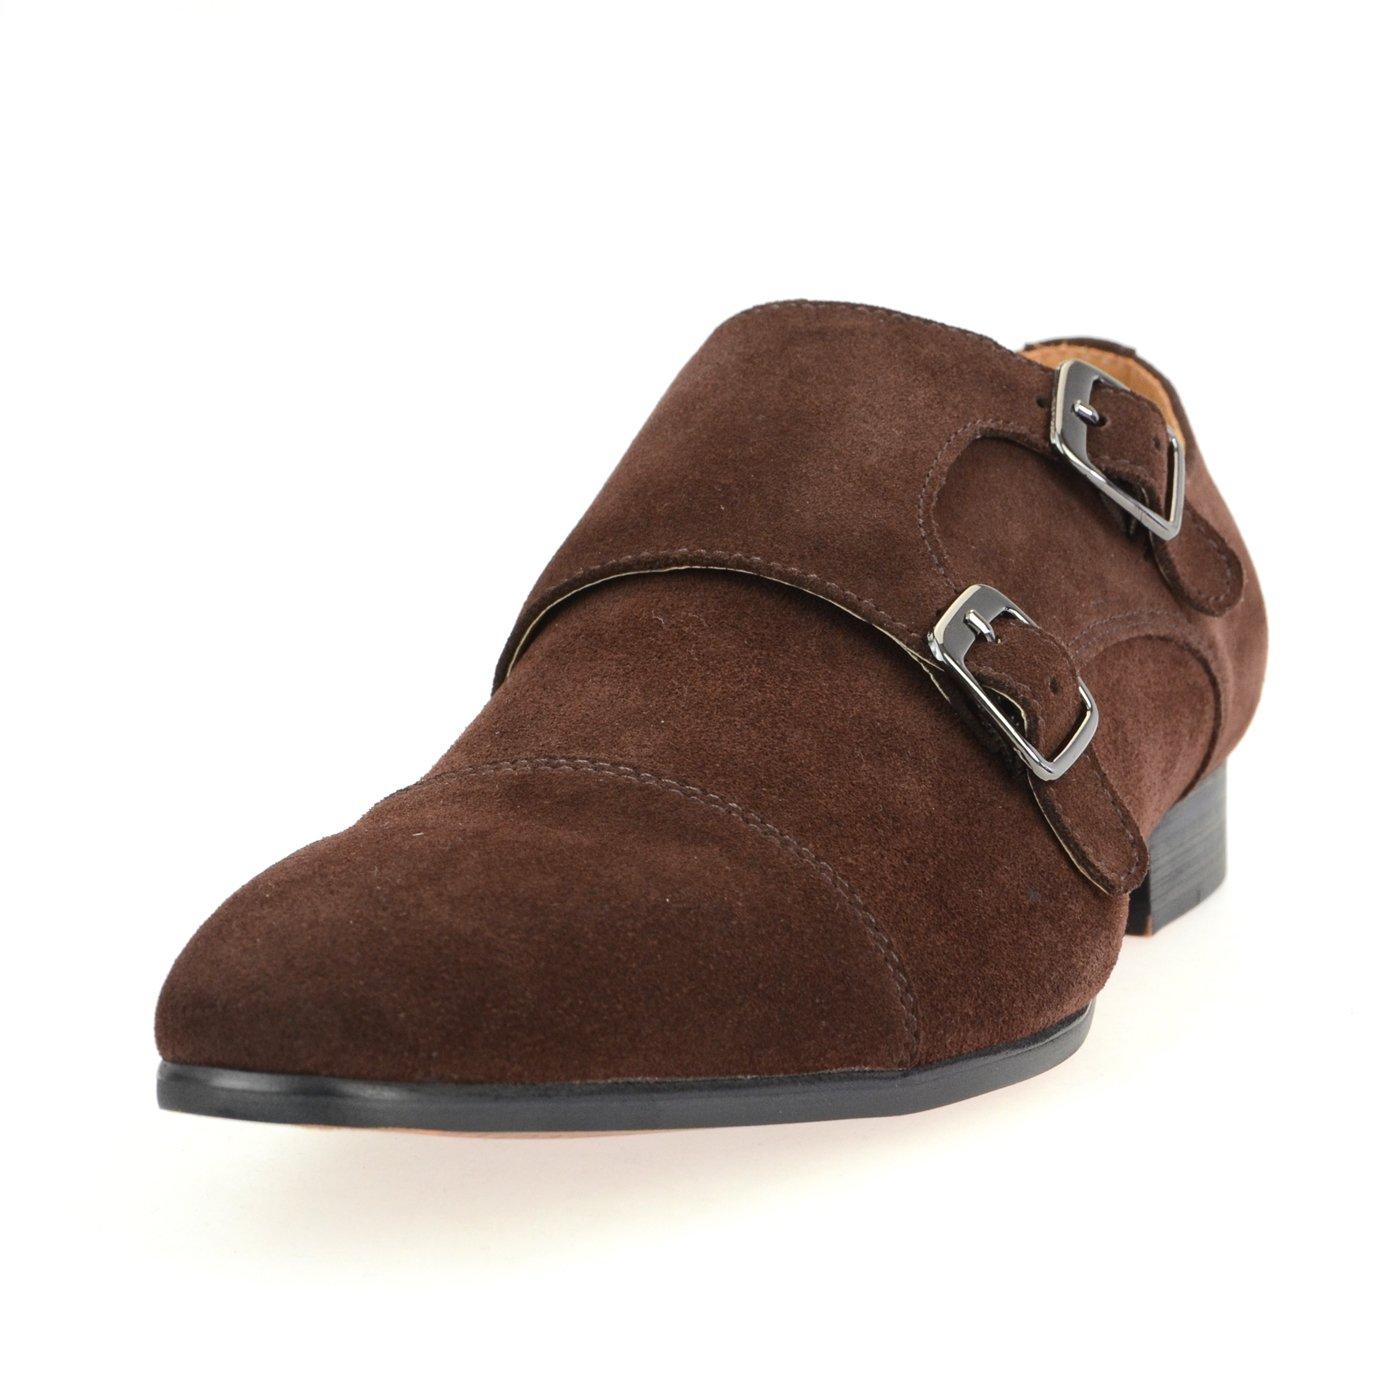 [ルシウス] LUCIUS 本革 20種類から選ぶ レザー メンズ ダブル モンクストラップ メダリオン ストレートチップ 革靴 紳士靴 B076DMWCSF 27.0 cm 3E|HA17480-4 ブラウン HA17480-4 ブラウン 27.0 cm 3E